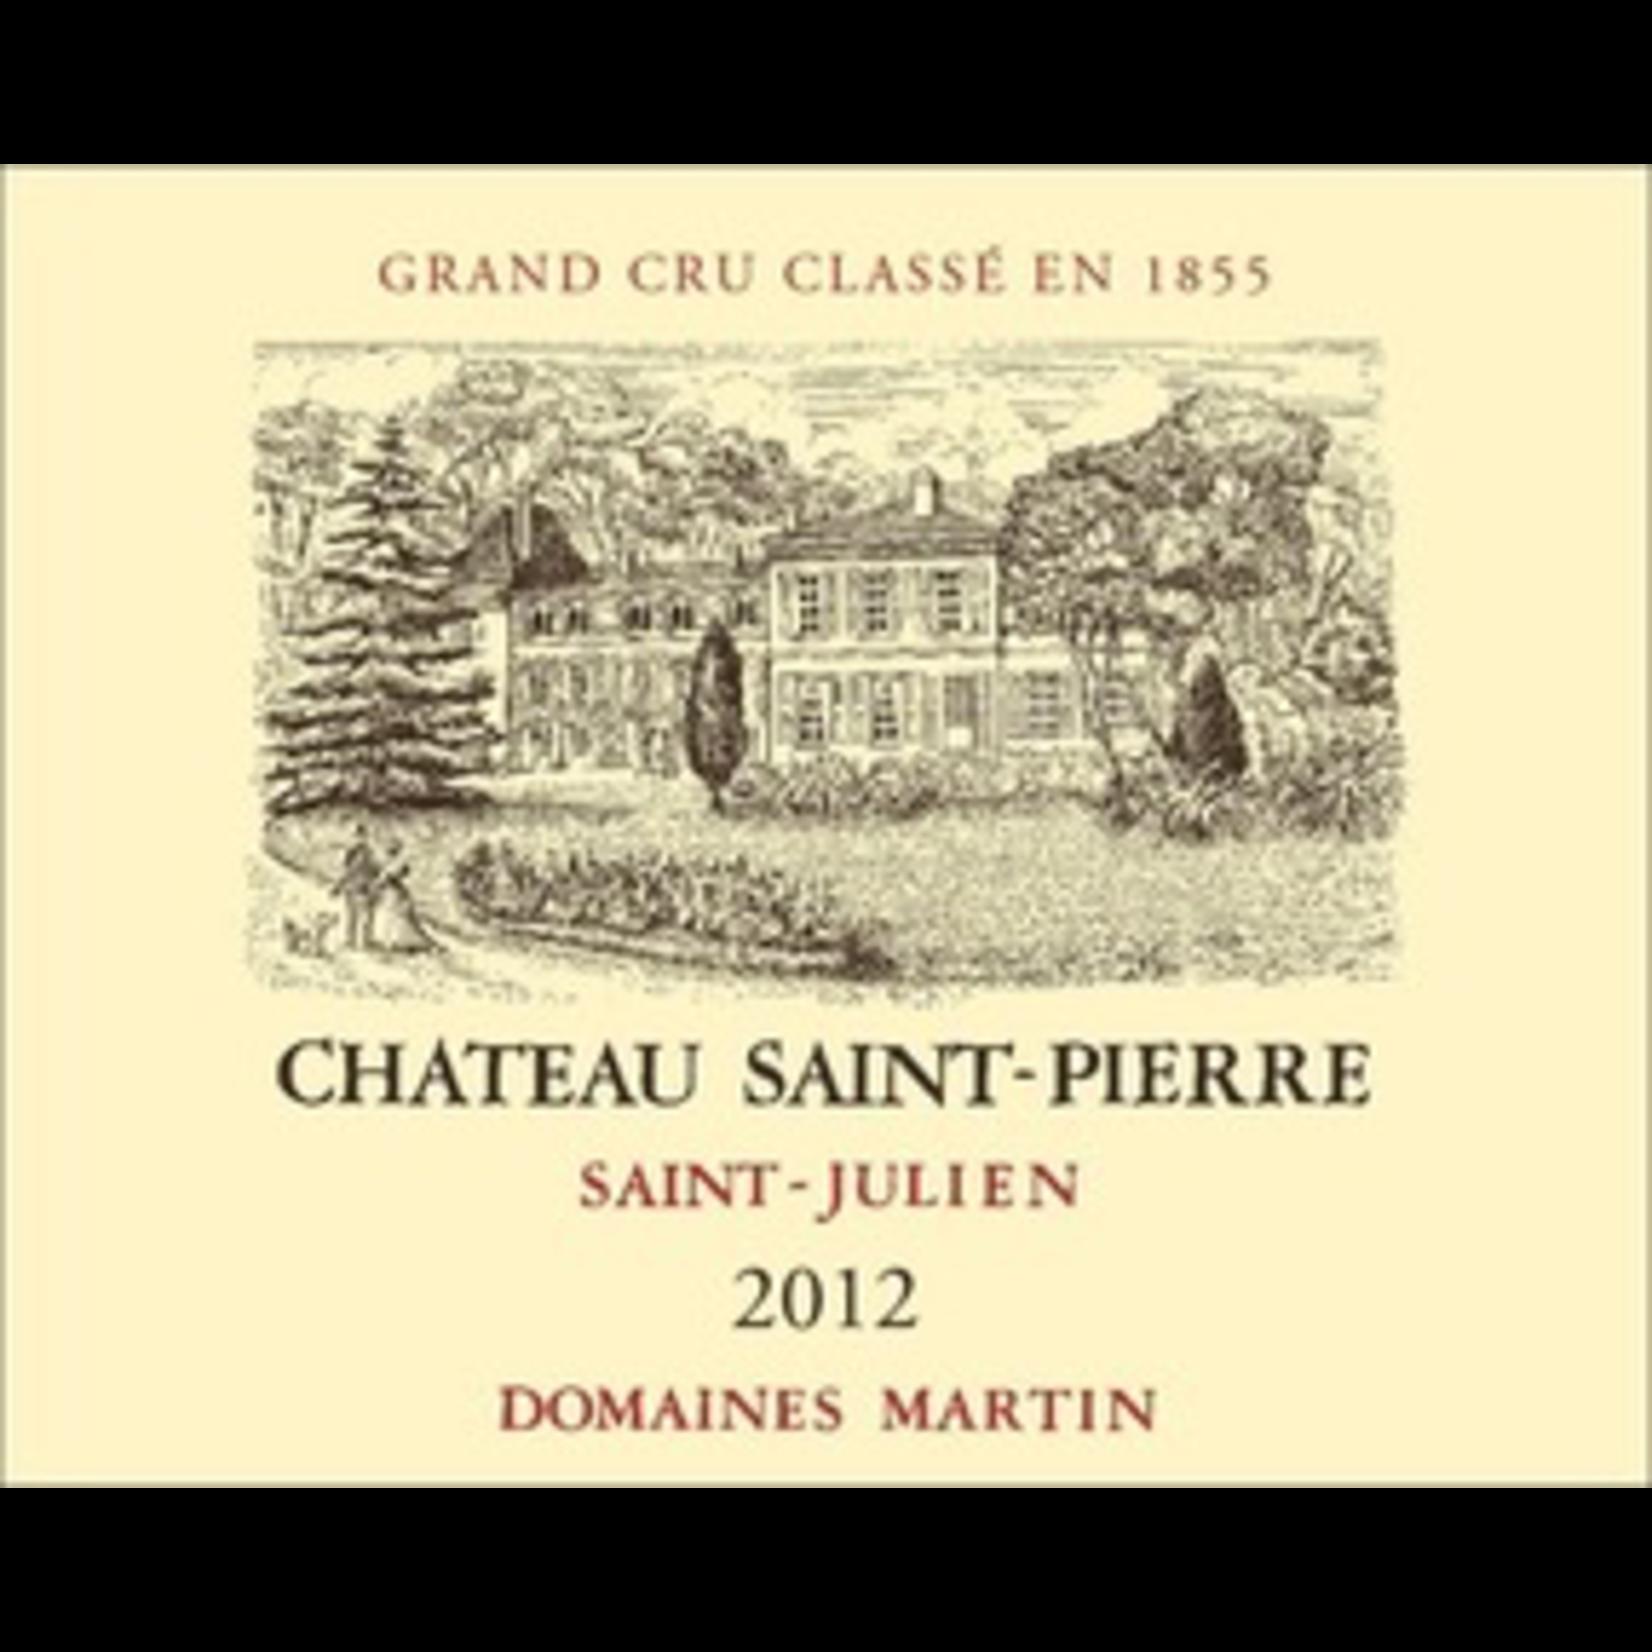 Wine Chateau Saint Pierre 2012